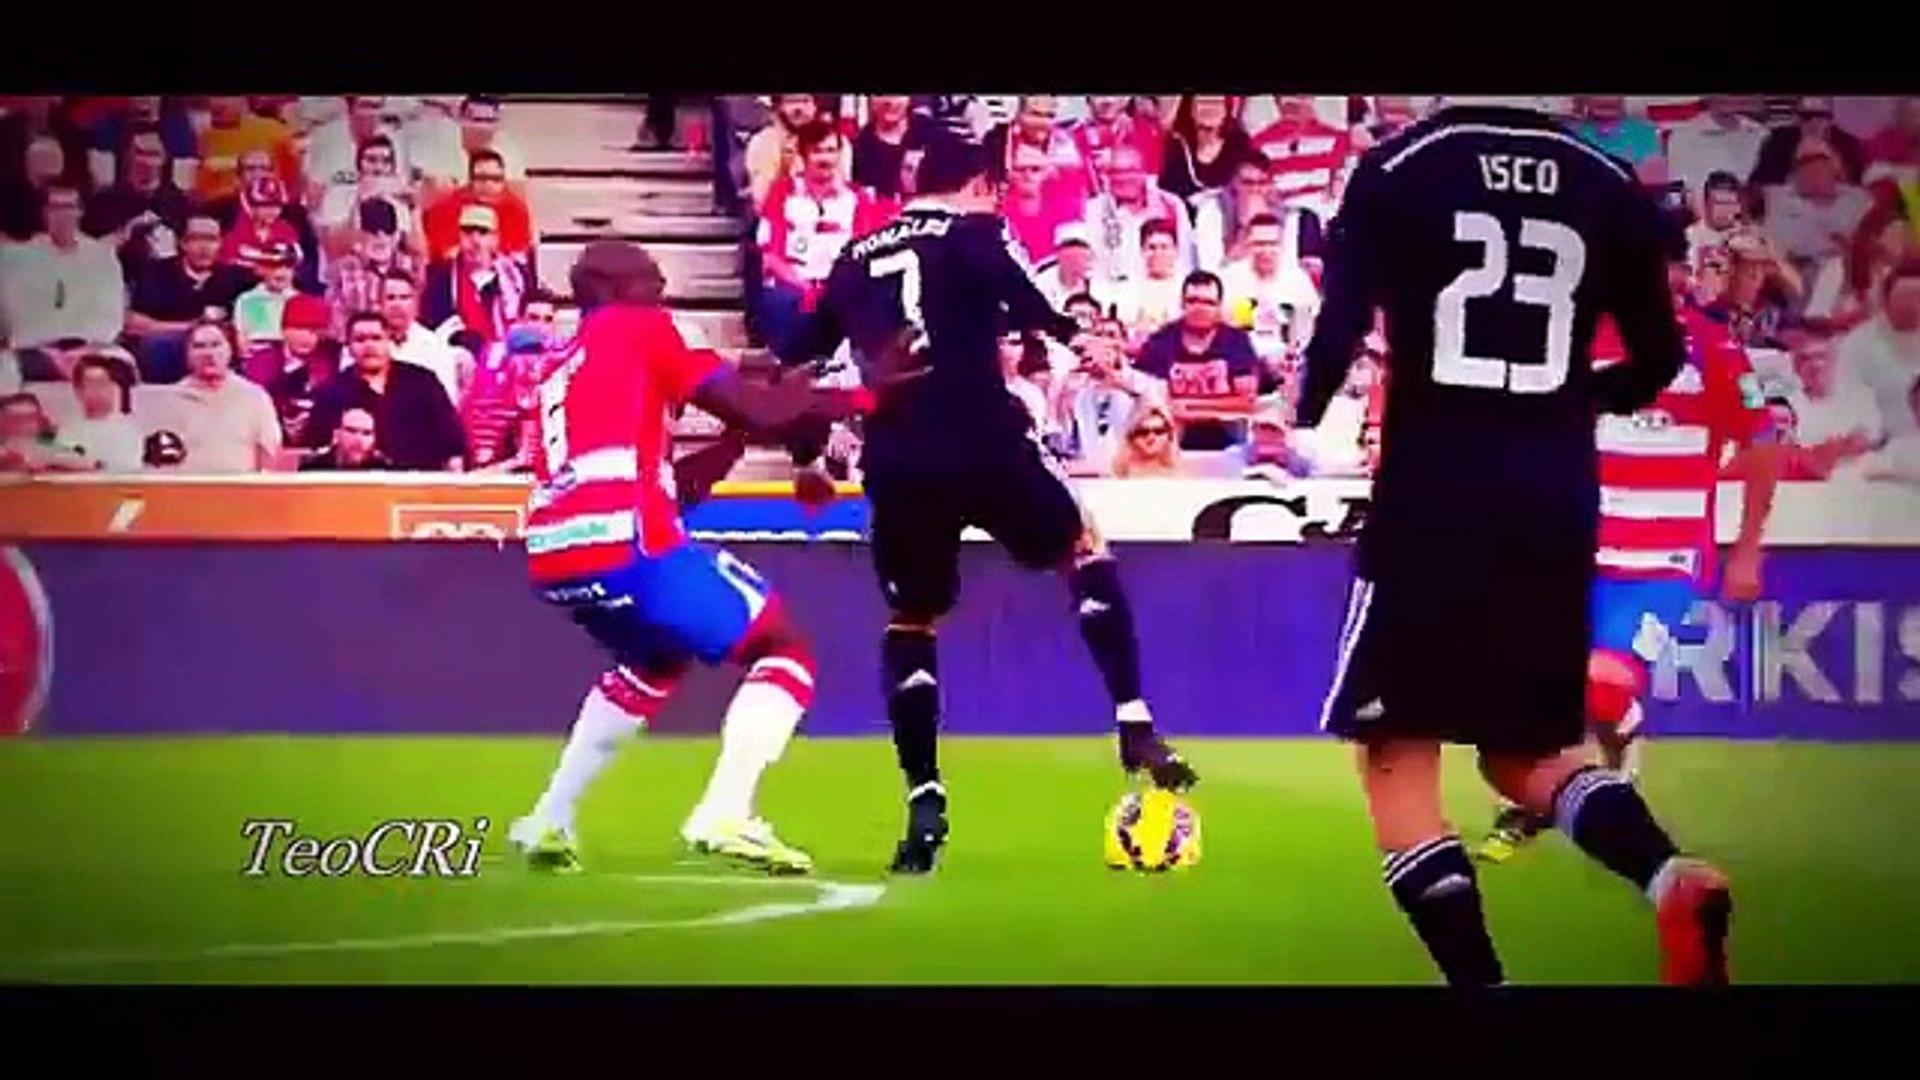 Cristiano Ronaldo Vs leona messi (crazy skills)